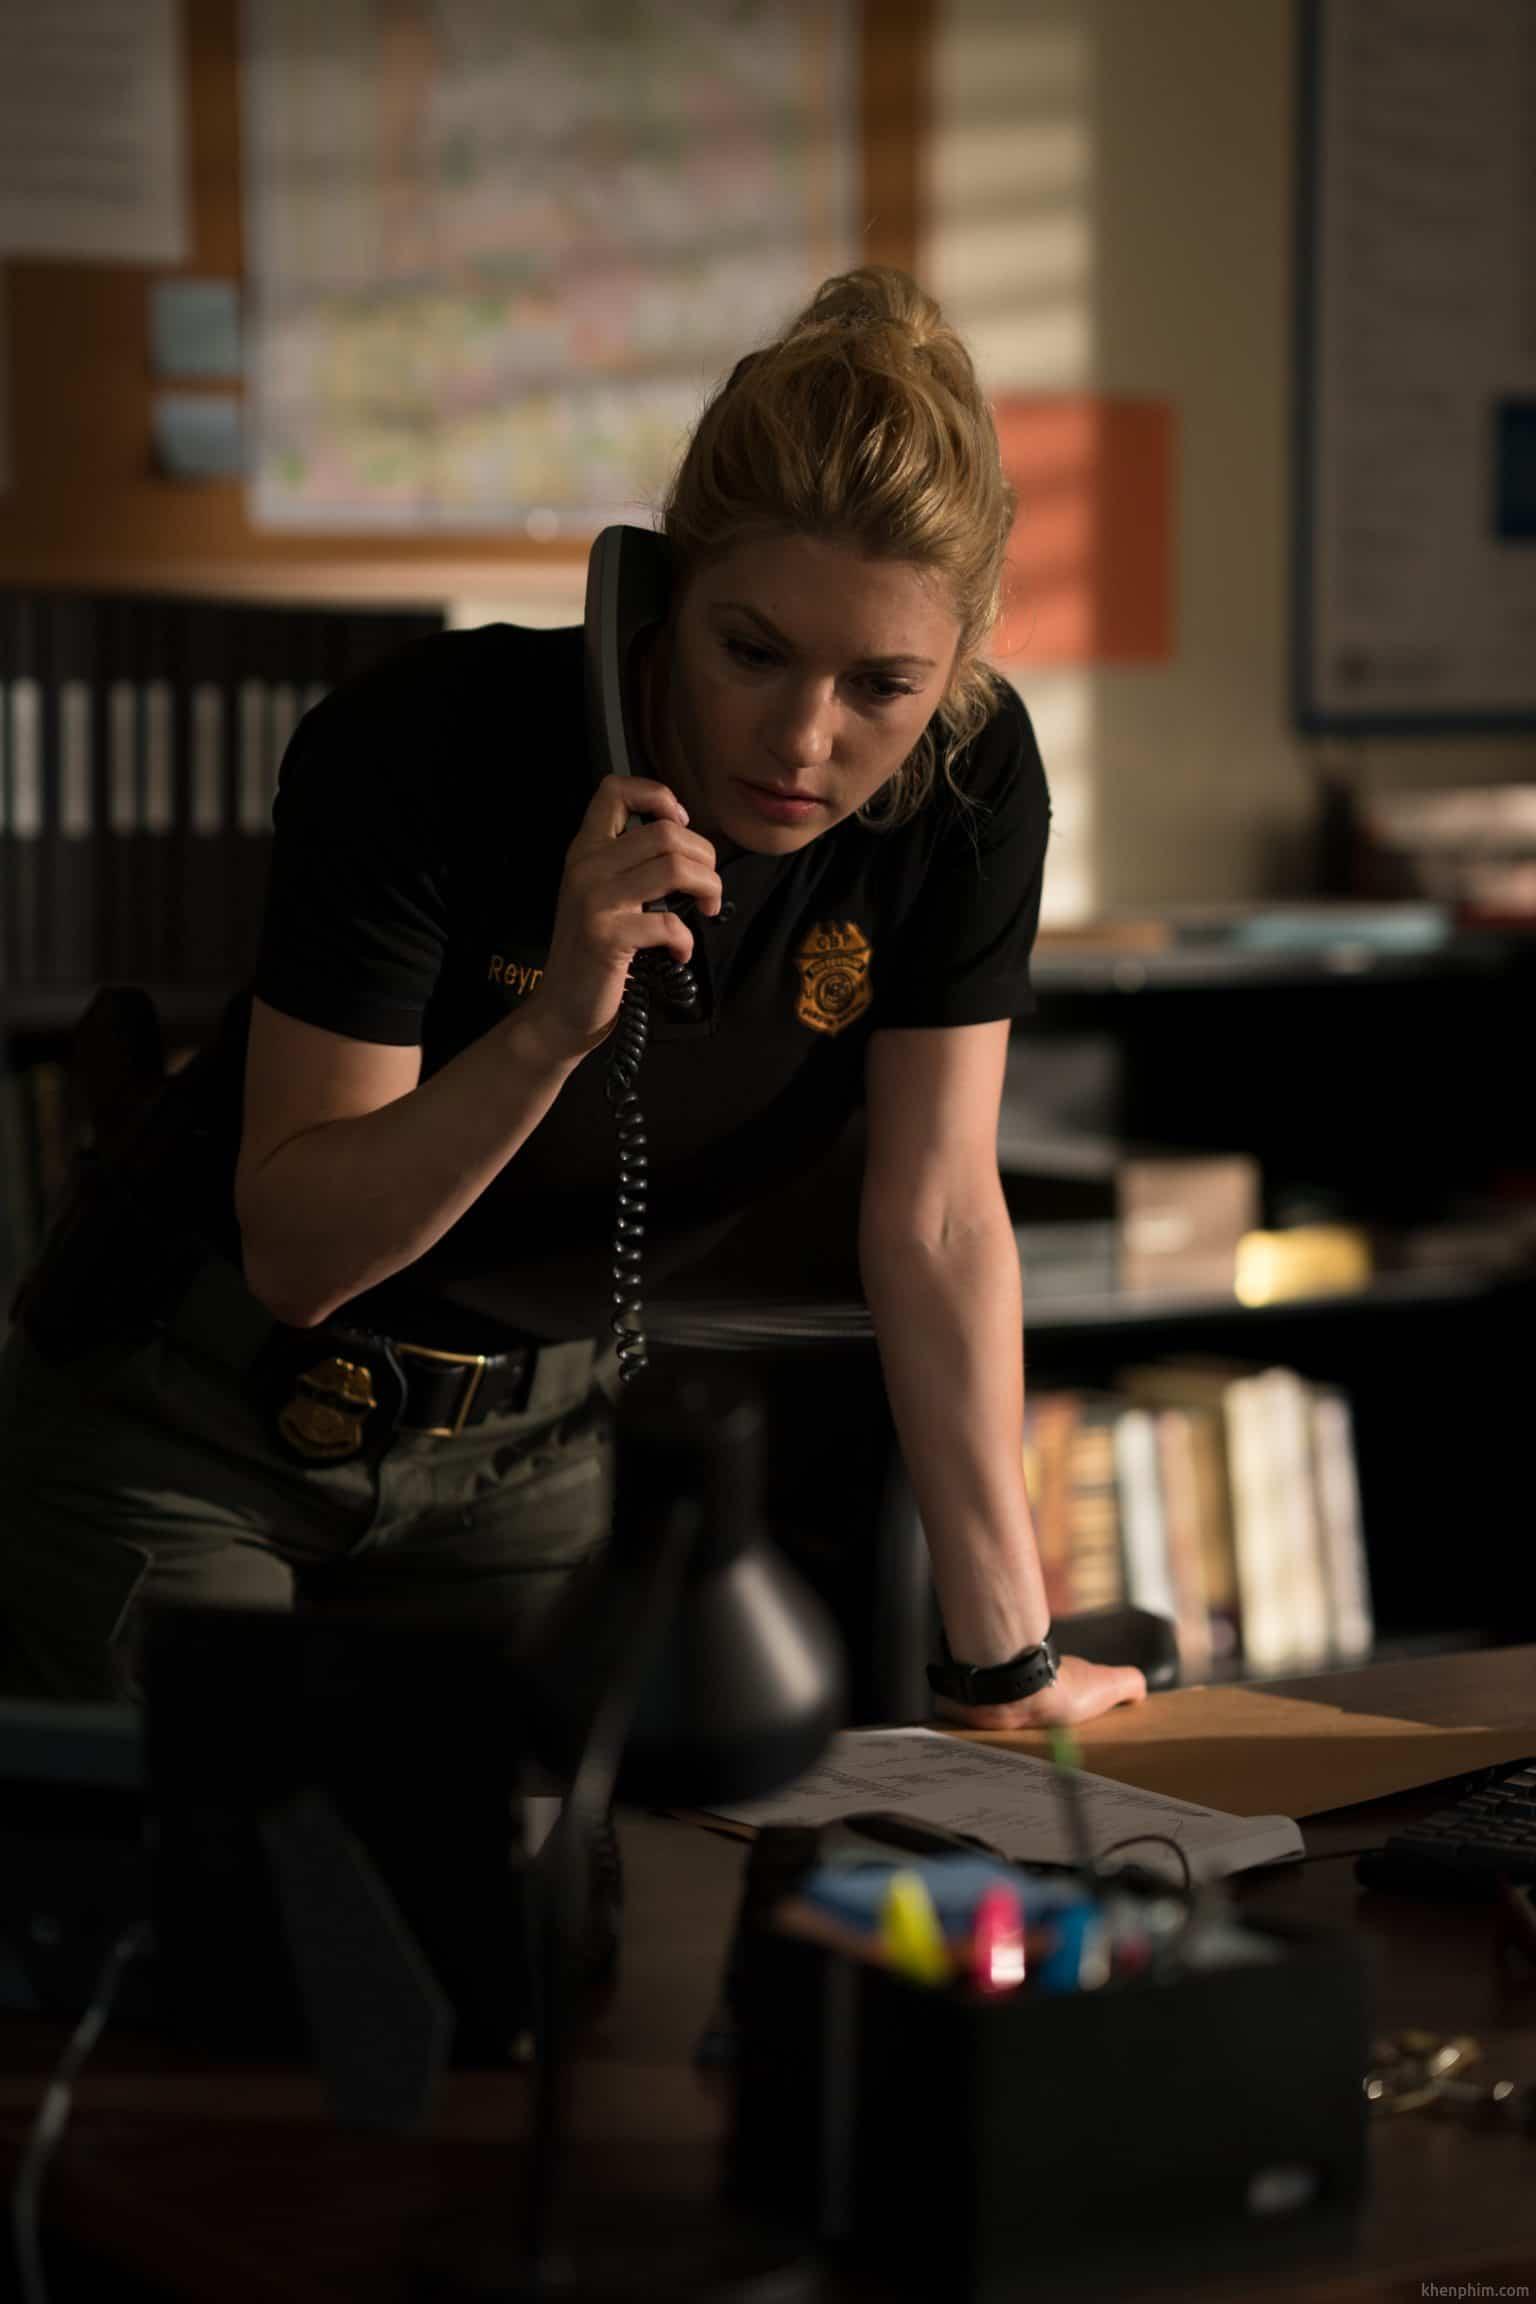 Nữ cảnh sát xinh đẹp nhưng bị ngó lơ - Tay Xạ Thủ